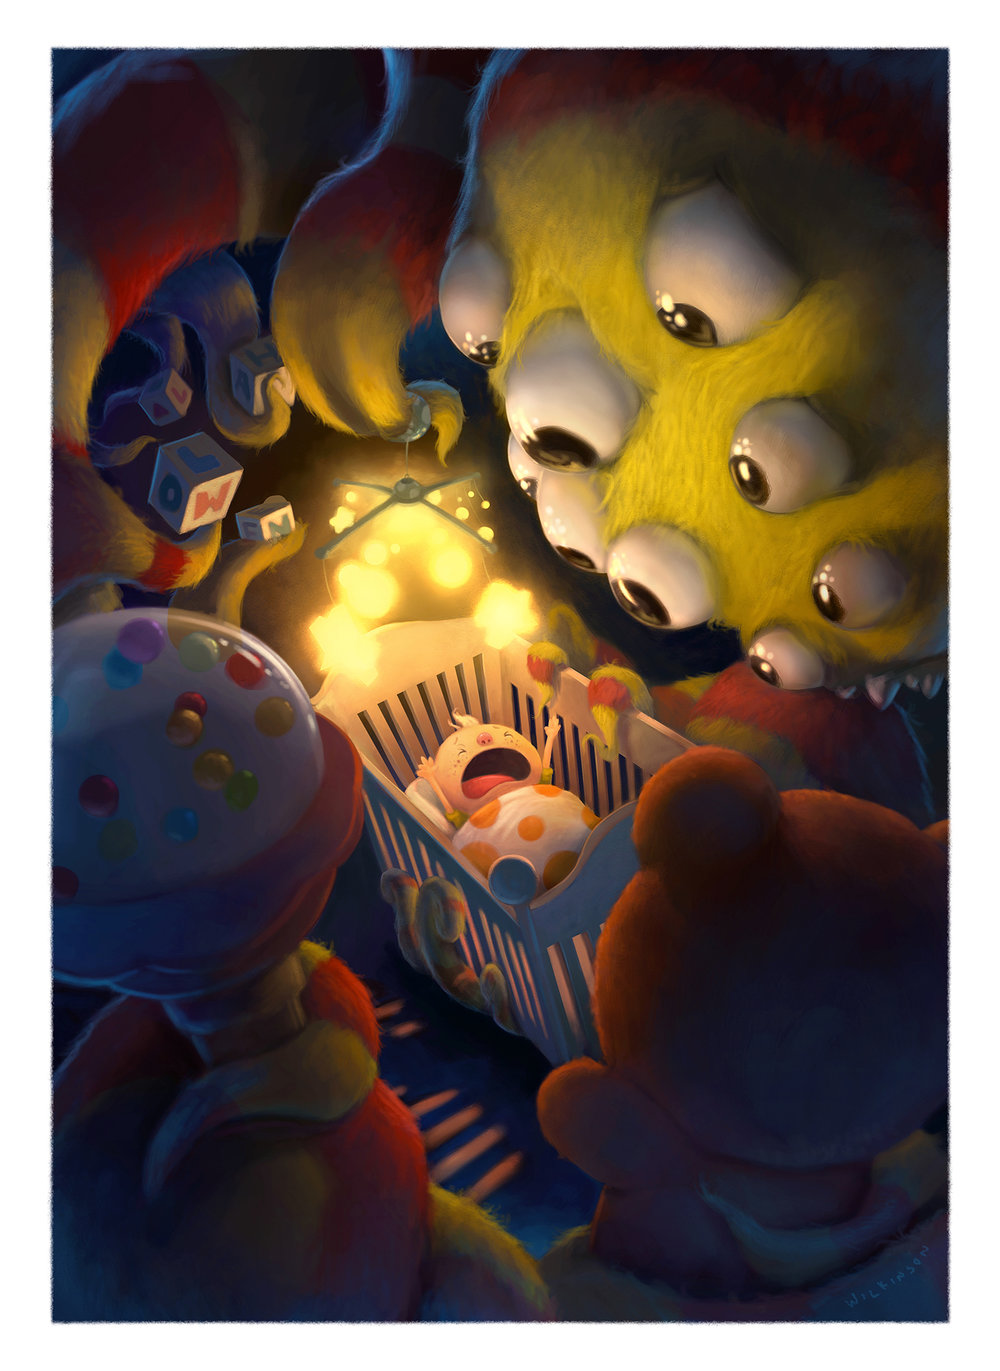 Misunderstood Monster Halloween Illustration